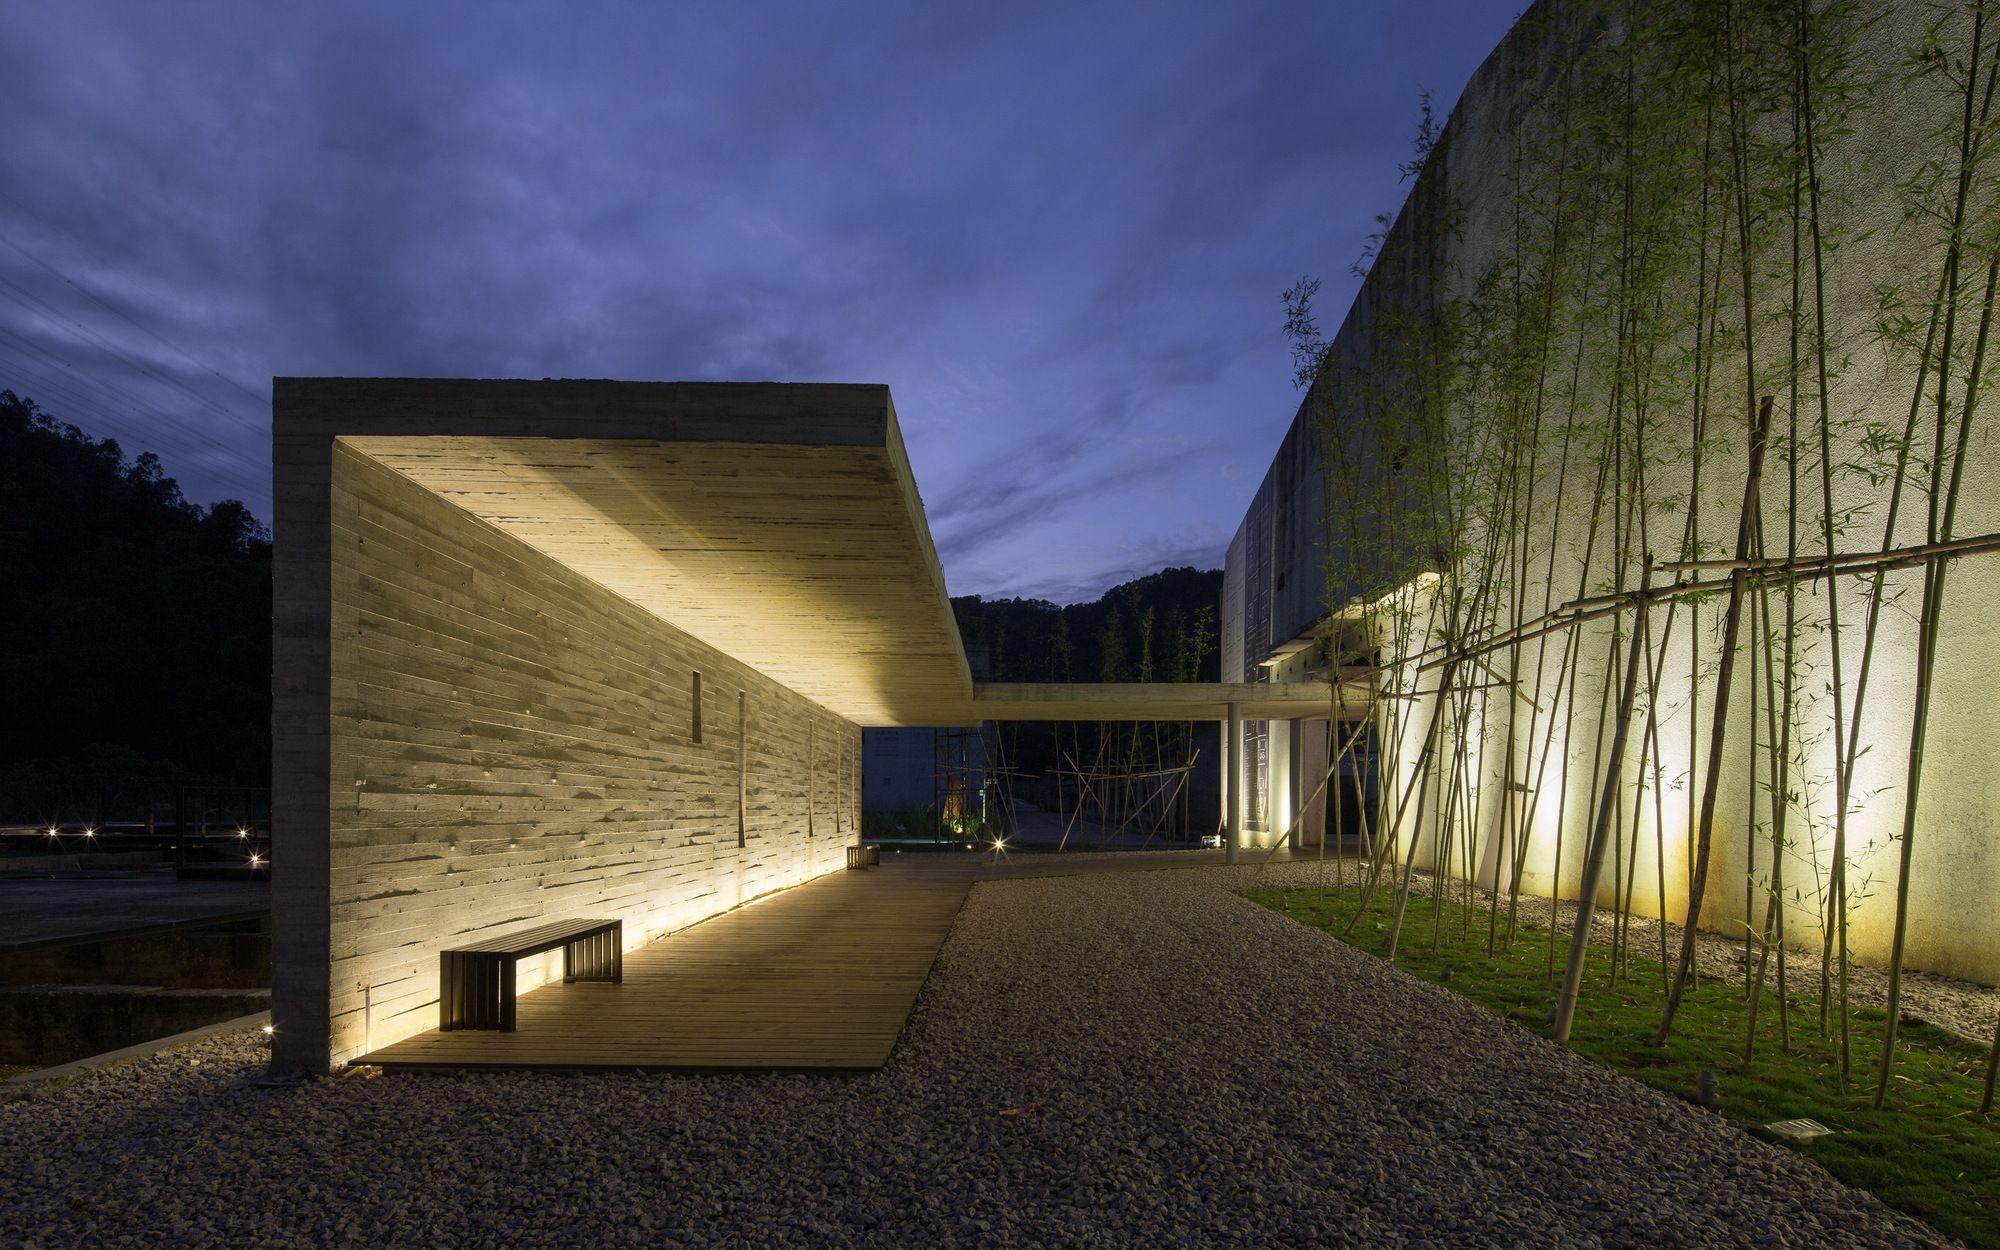 Galería - Galería MJH de iD Town / O-office Architects - 12